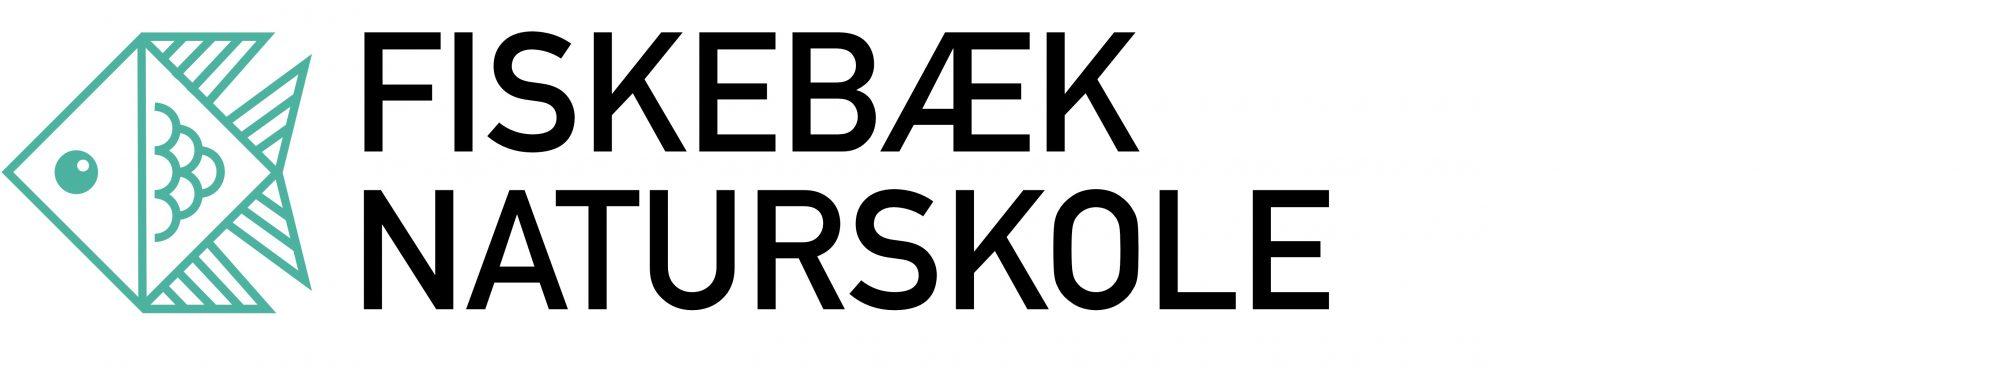 FISKEBÆK NATURSKOLE